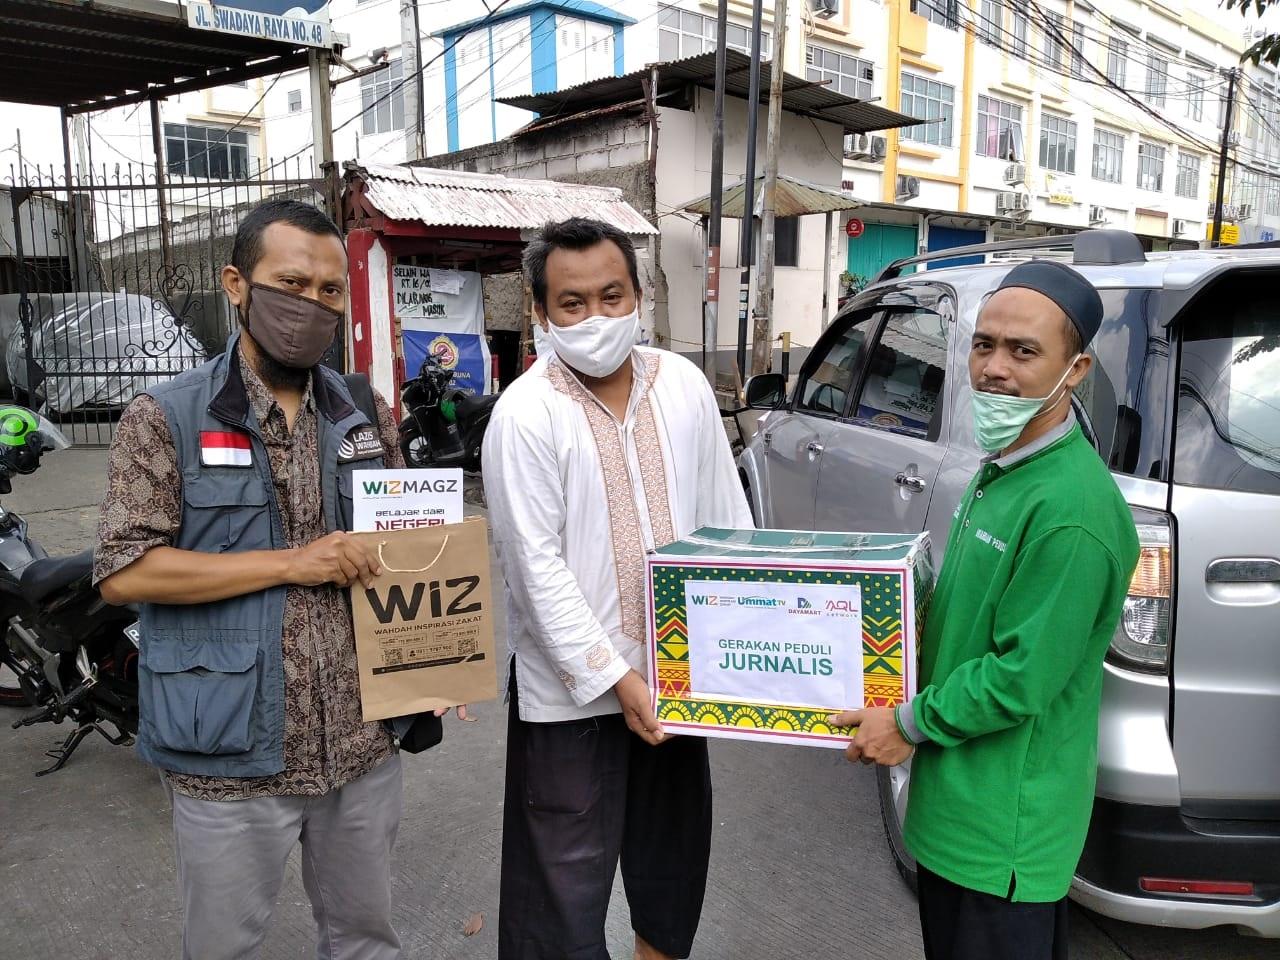 Paket Sembako untuk Jurnalis Muslim Terdampak Pandemi Covid-19 Disambut Suka Cita